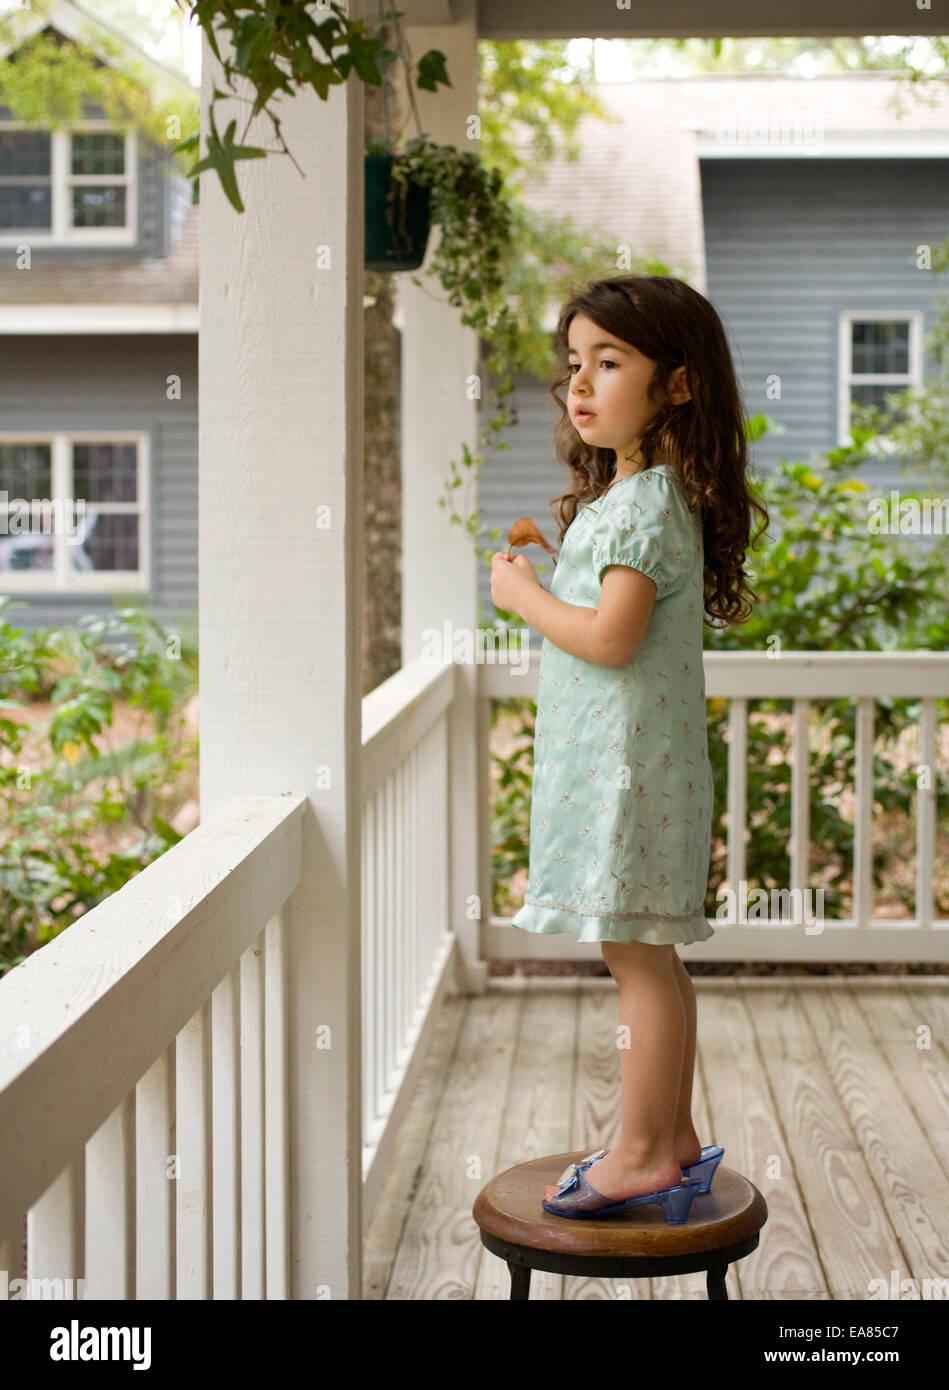 Jeune fille à jouer debout sur des chaussures sur le porche de selles Photo Stock